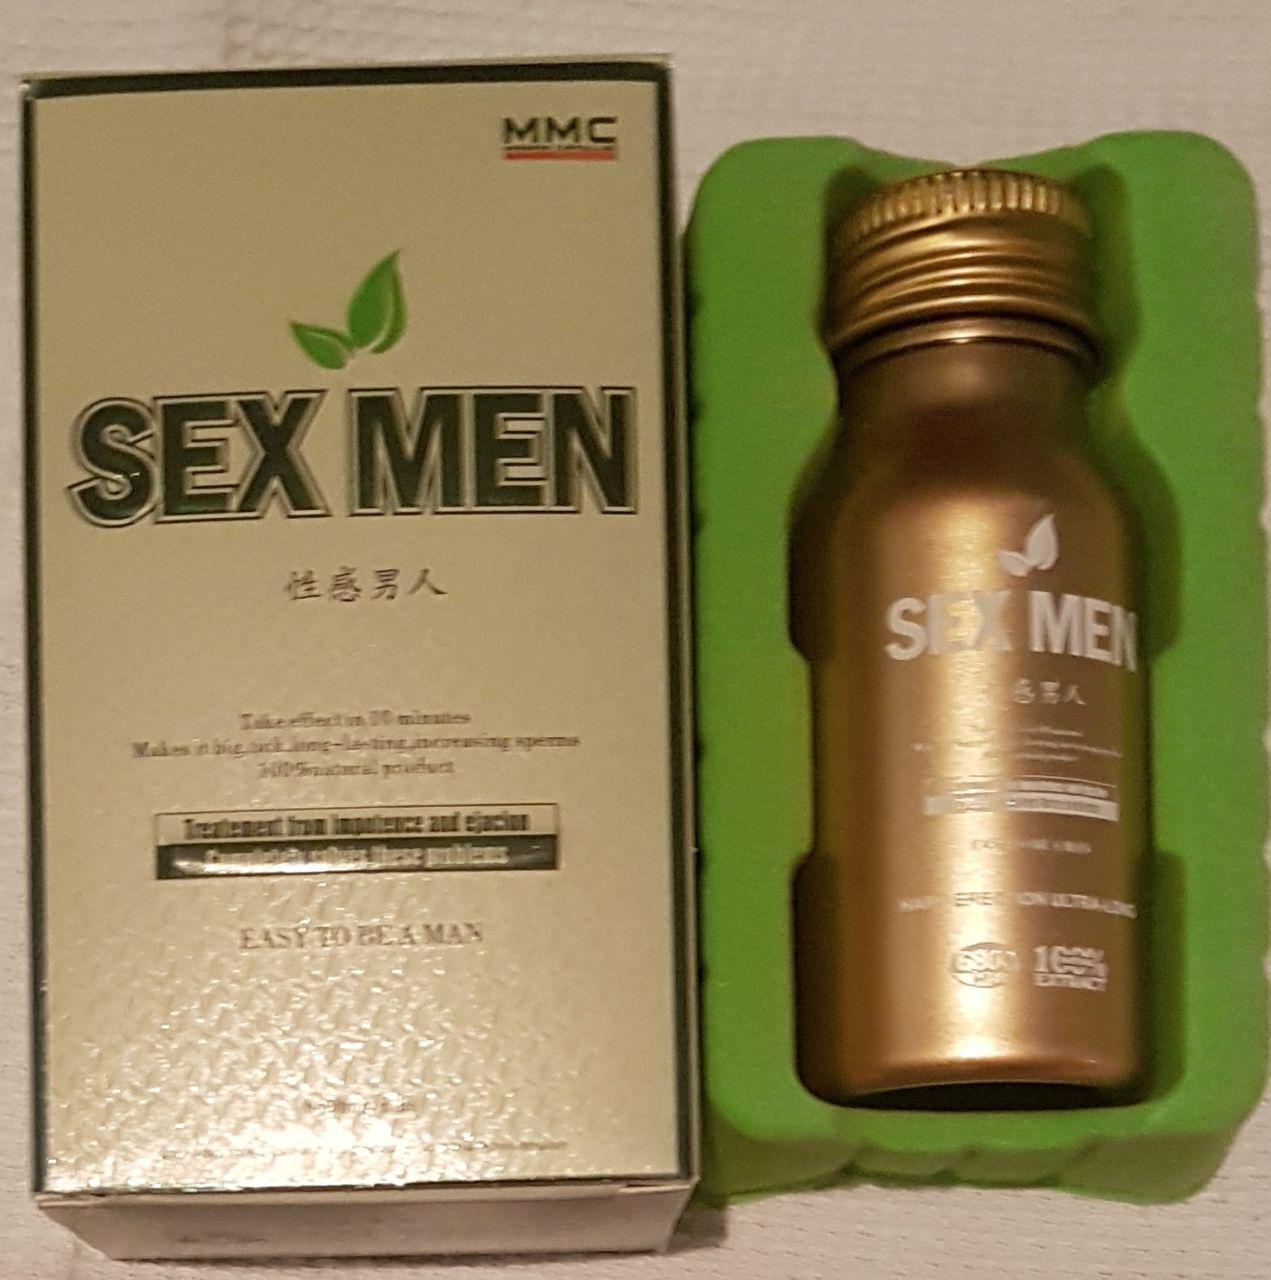 SEX MEN Препарат для потенции